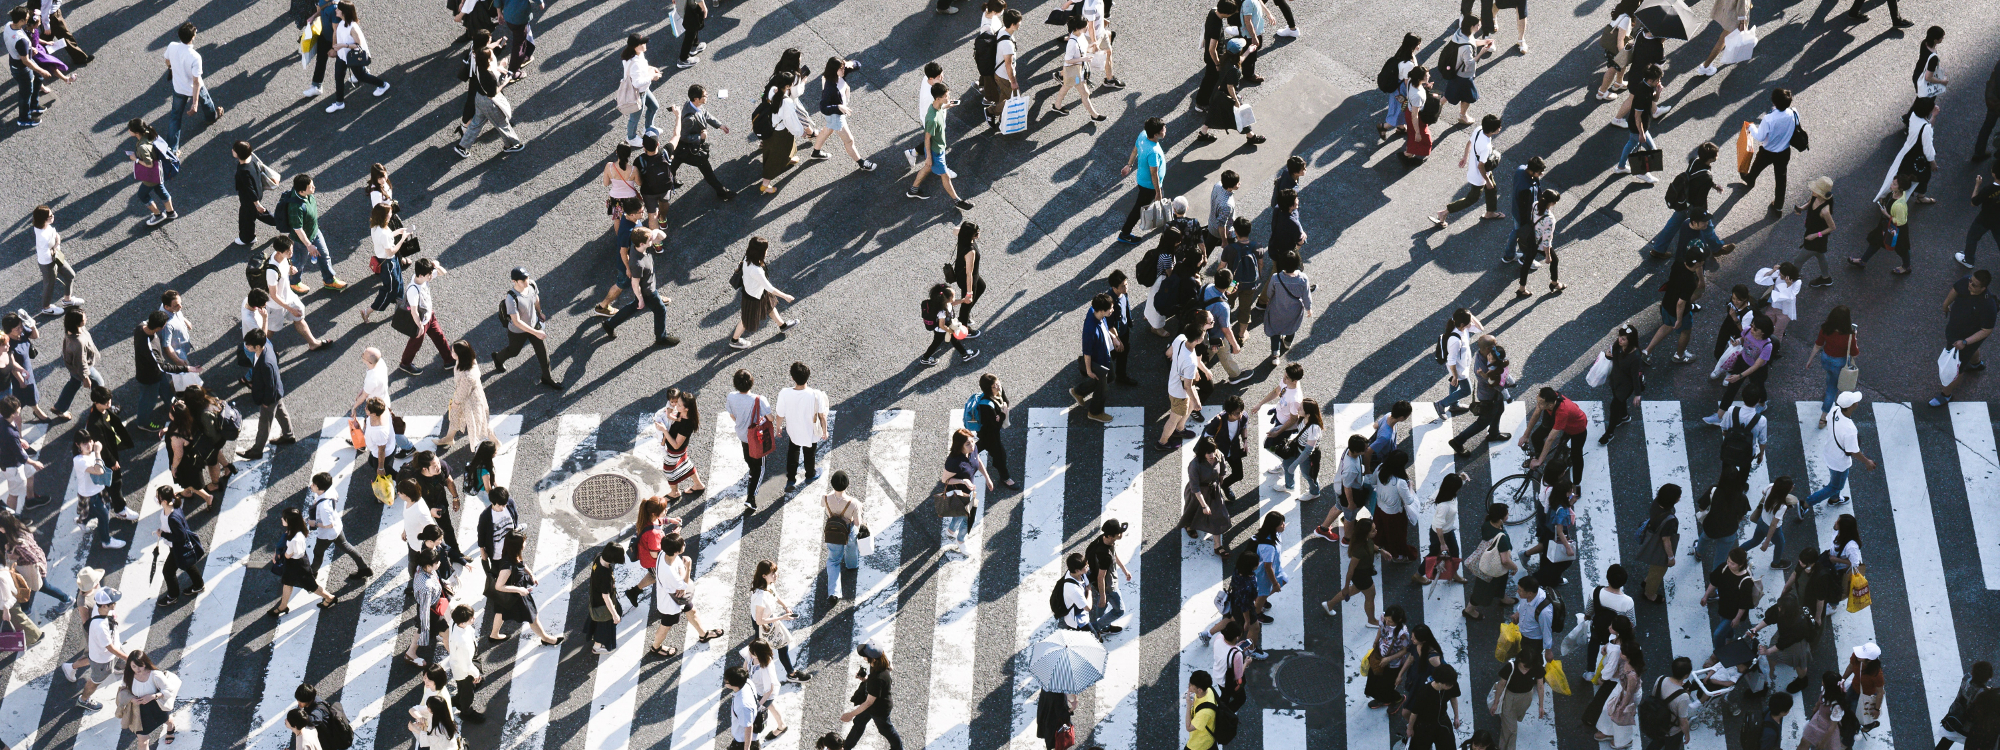 Menschen überqueren in Massen einen Zebrastreifen